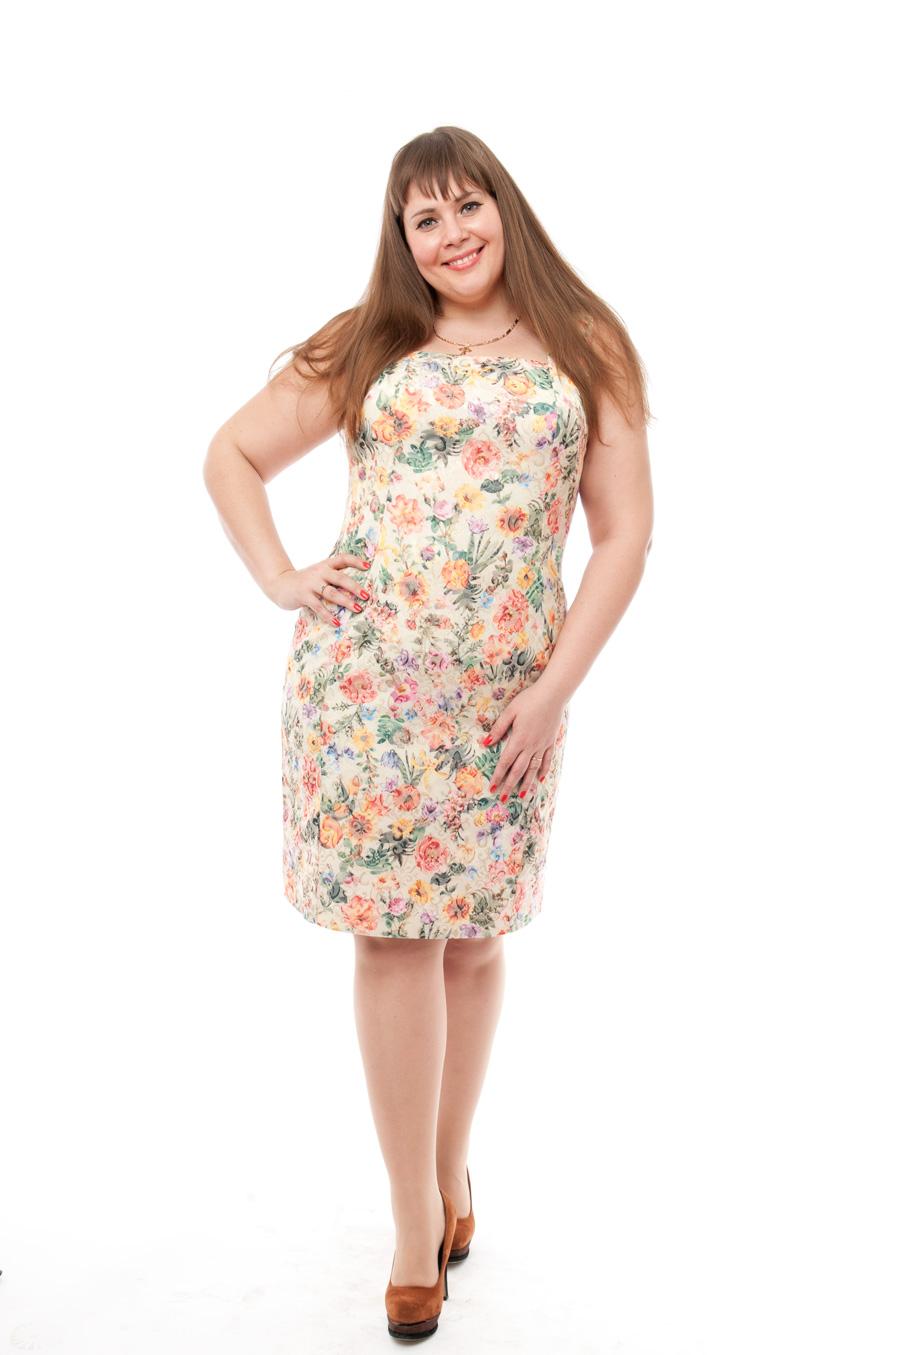 Женская Одежда Больших Размеров Опт Краснодар